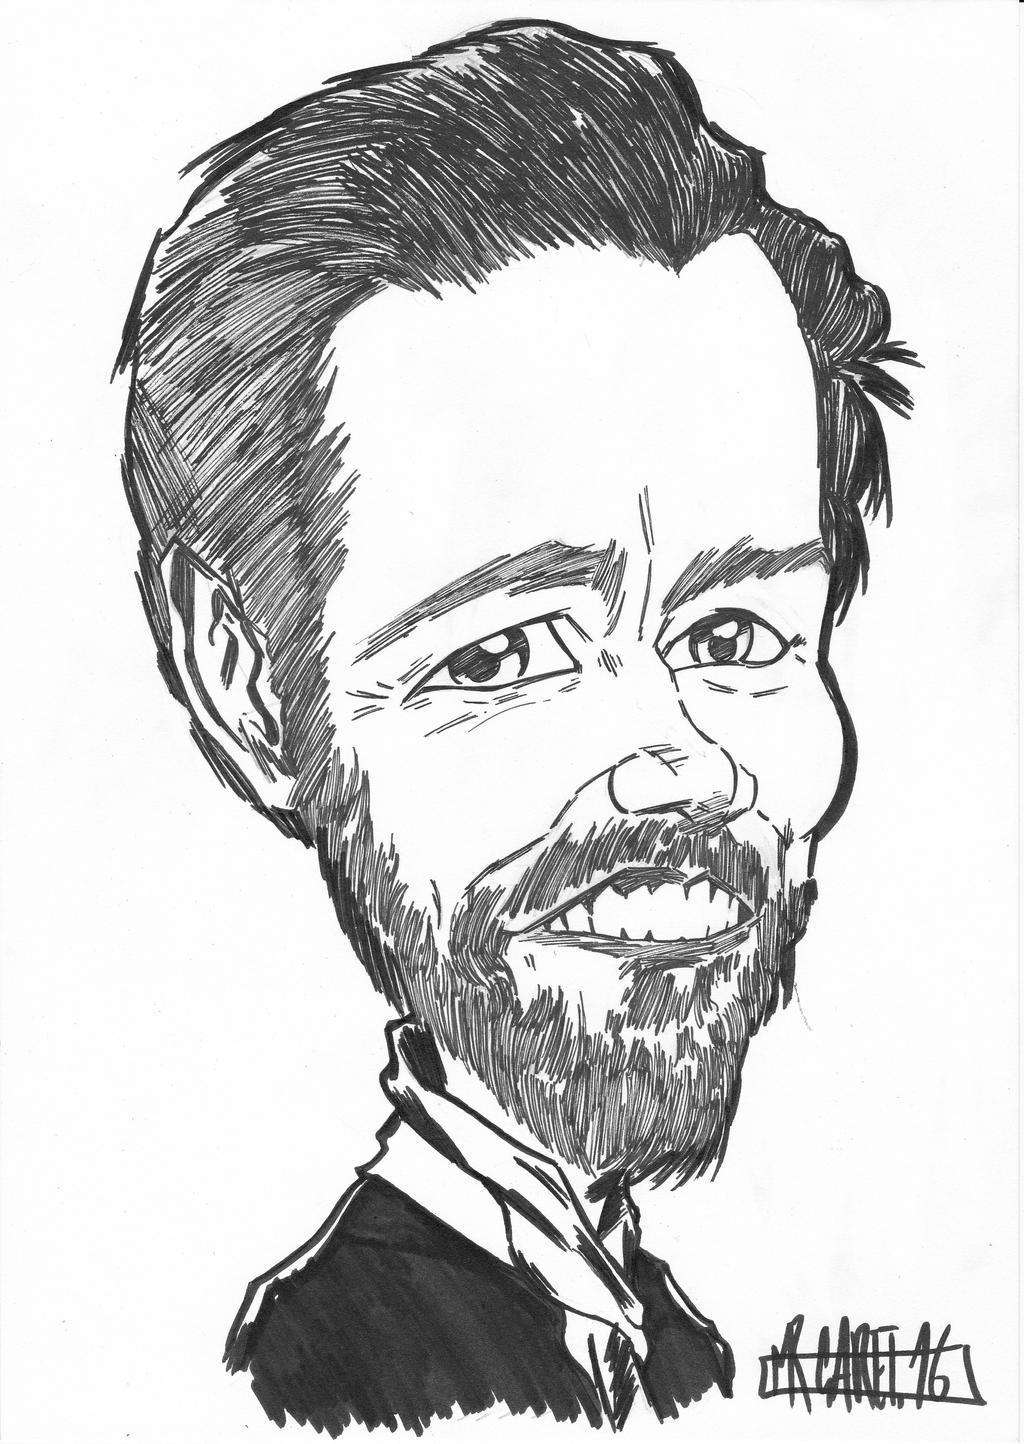 Jim Carrey by jacksony22